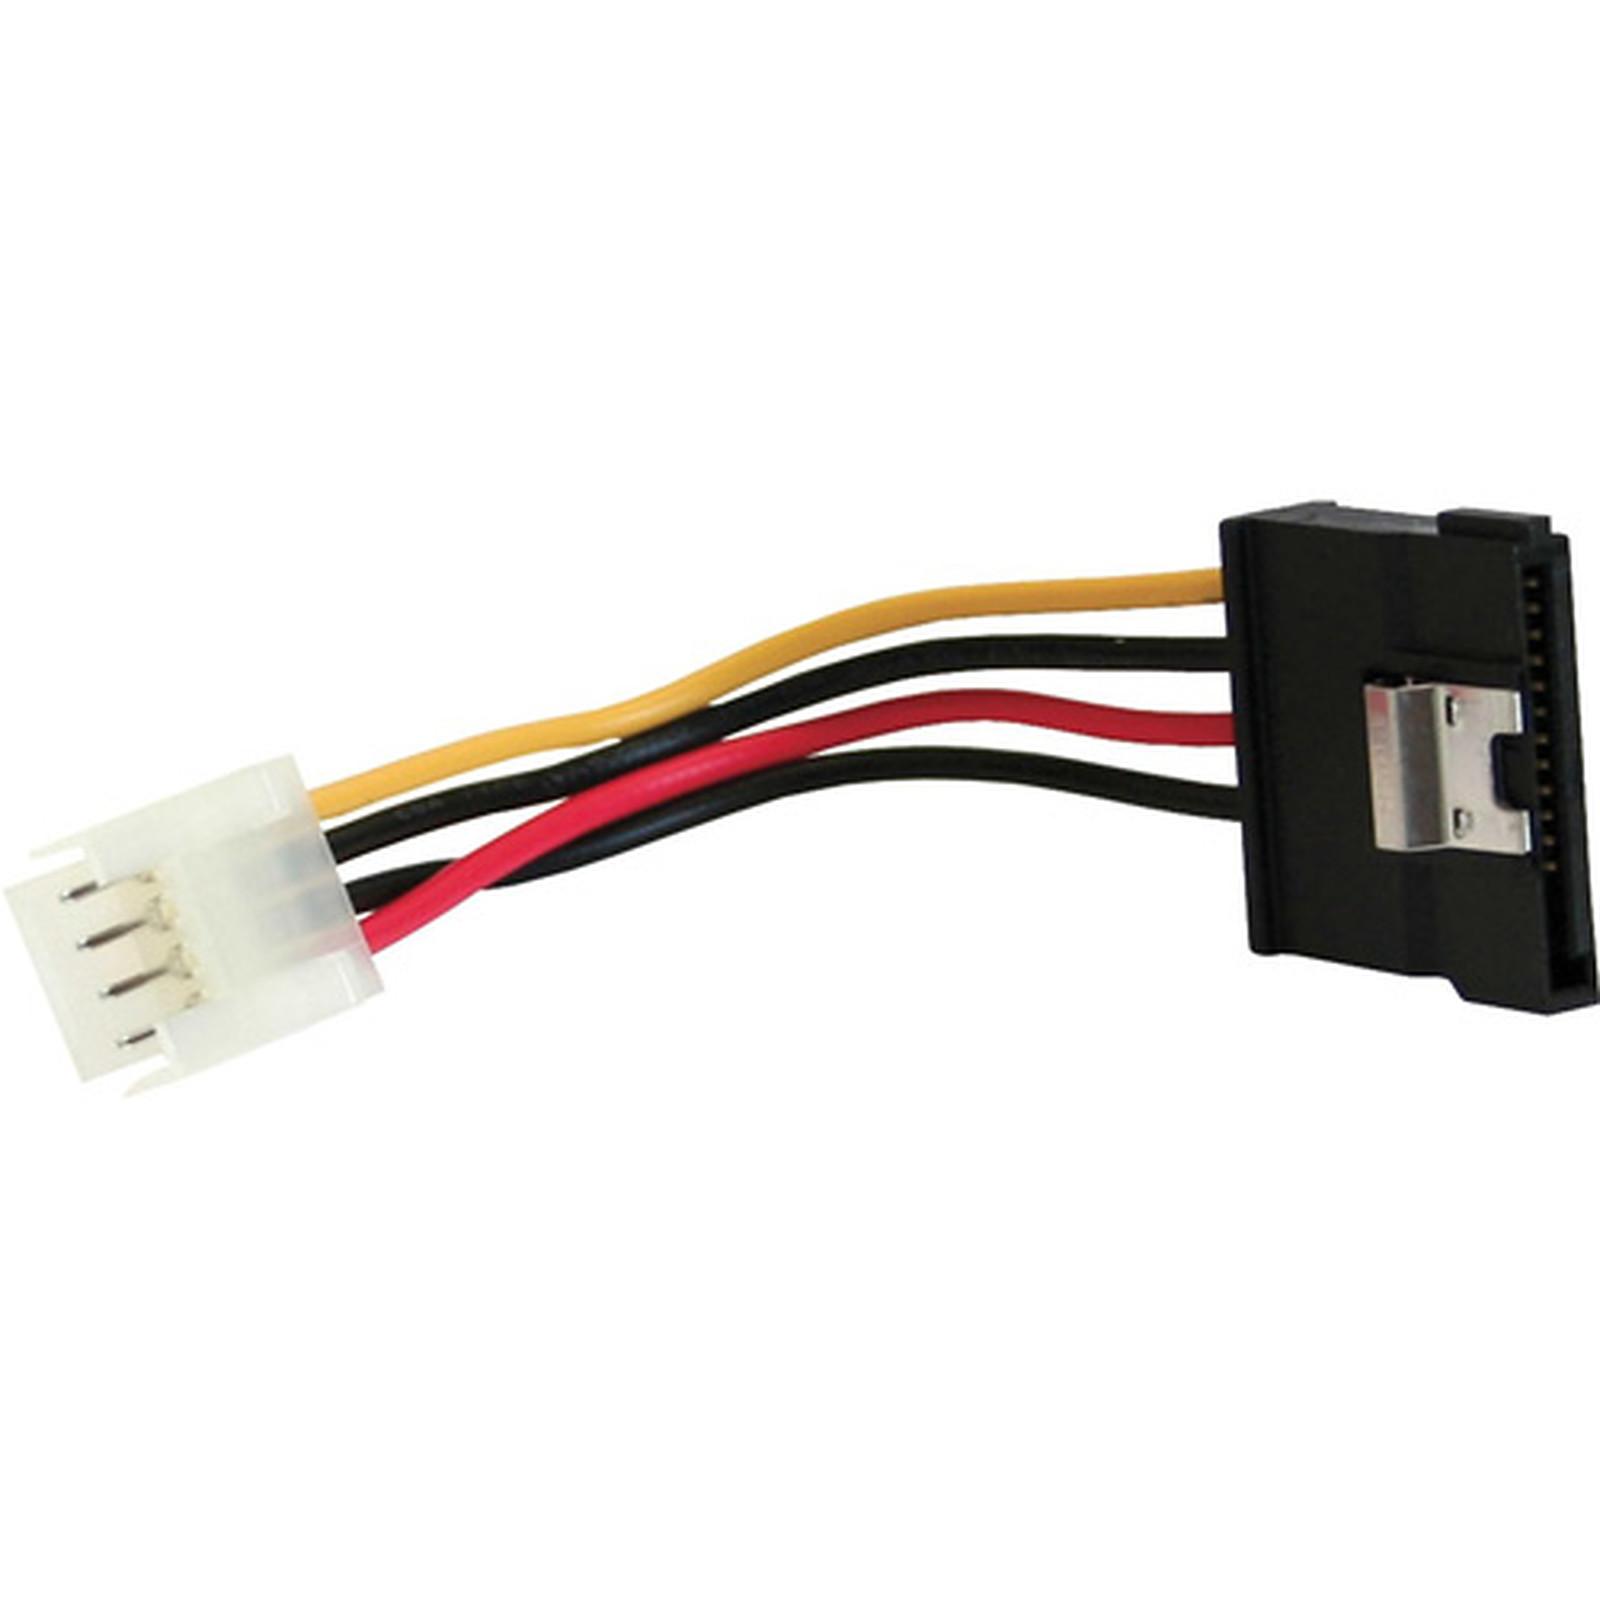 Adaptateur d'alimentation floppy 4 pin vers SATA coudé 15 Pin (6 cm)